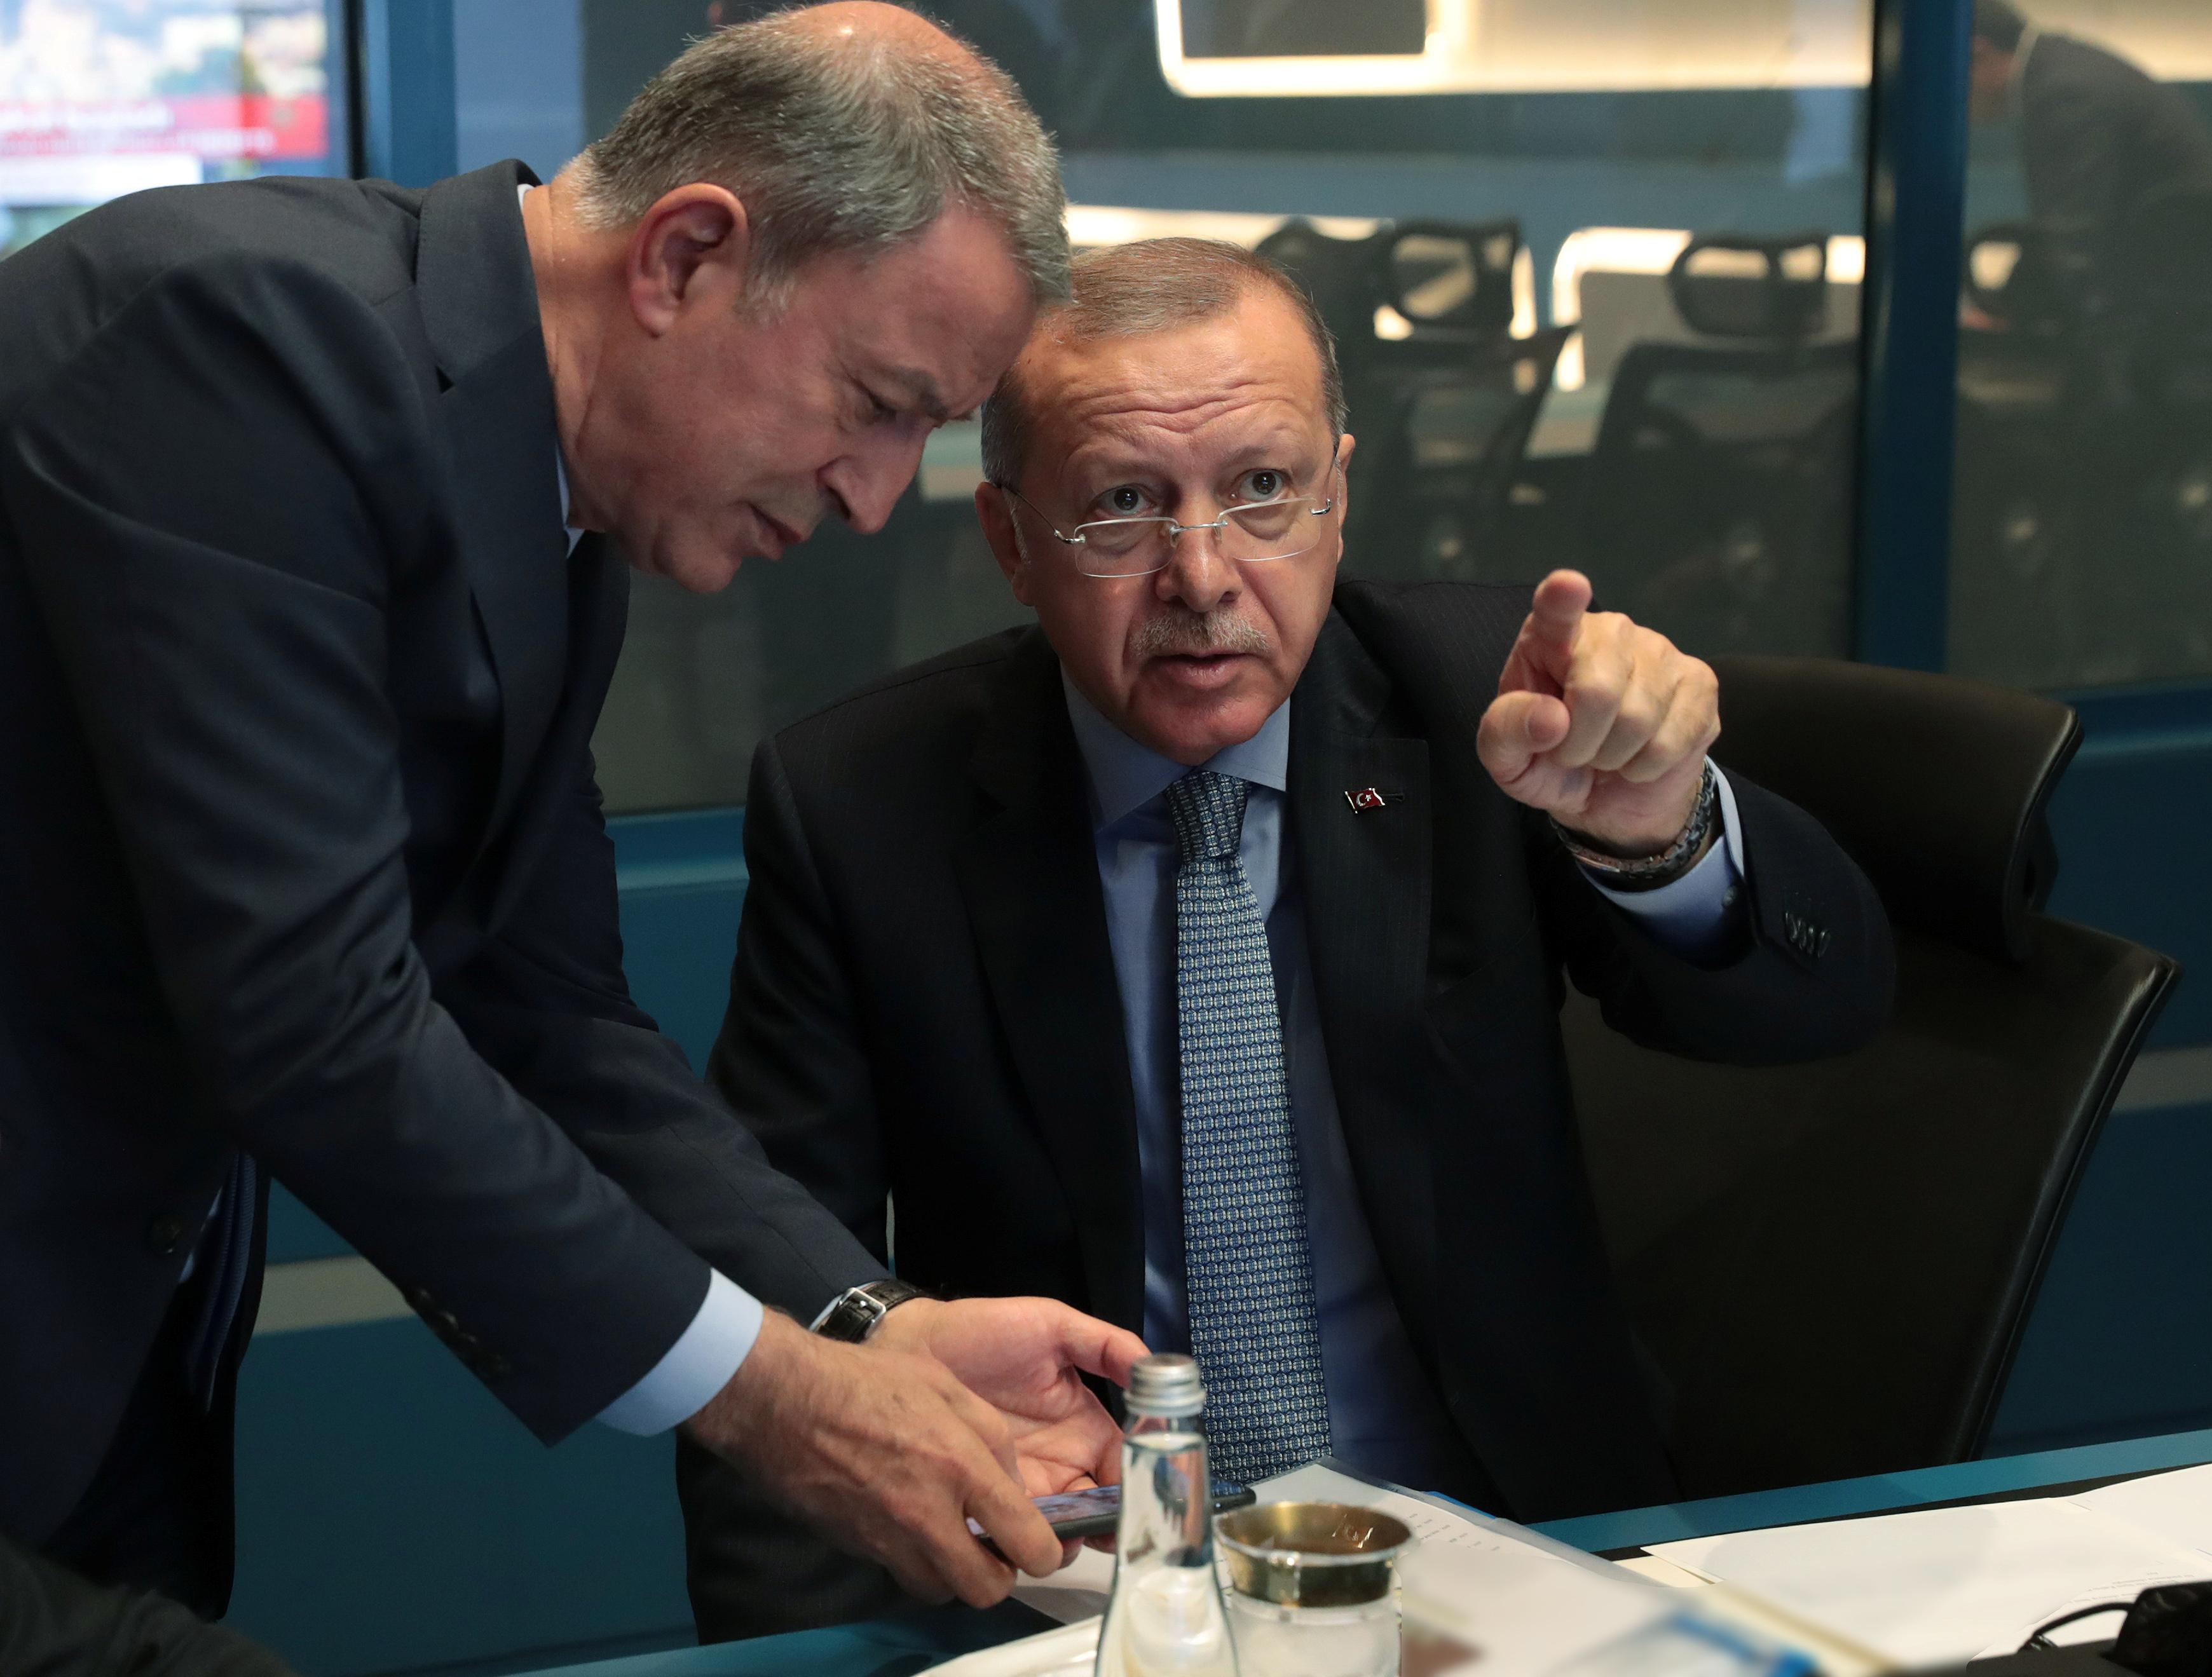 Ερντογάν σε Ε.Ε.: Αν καταδικάσετε την επιχείρηση στη Συρία, θα σας «πνίξω» στους πρόσφυγες!